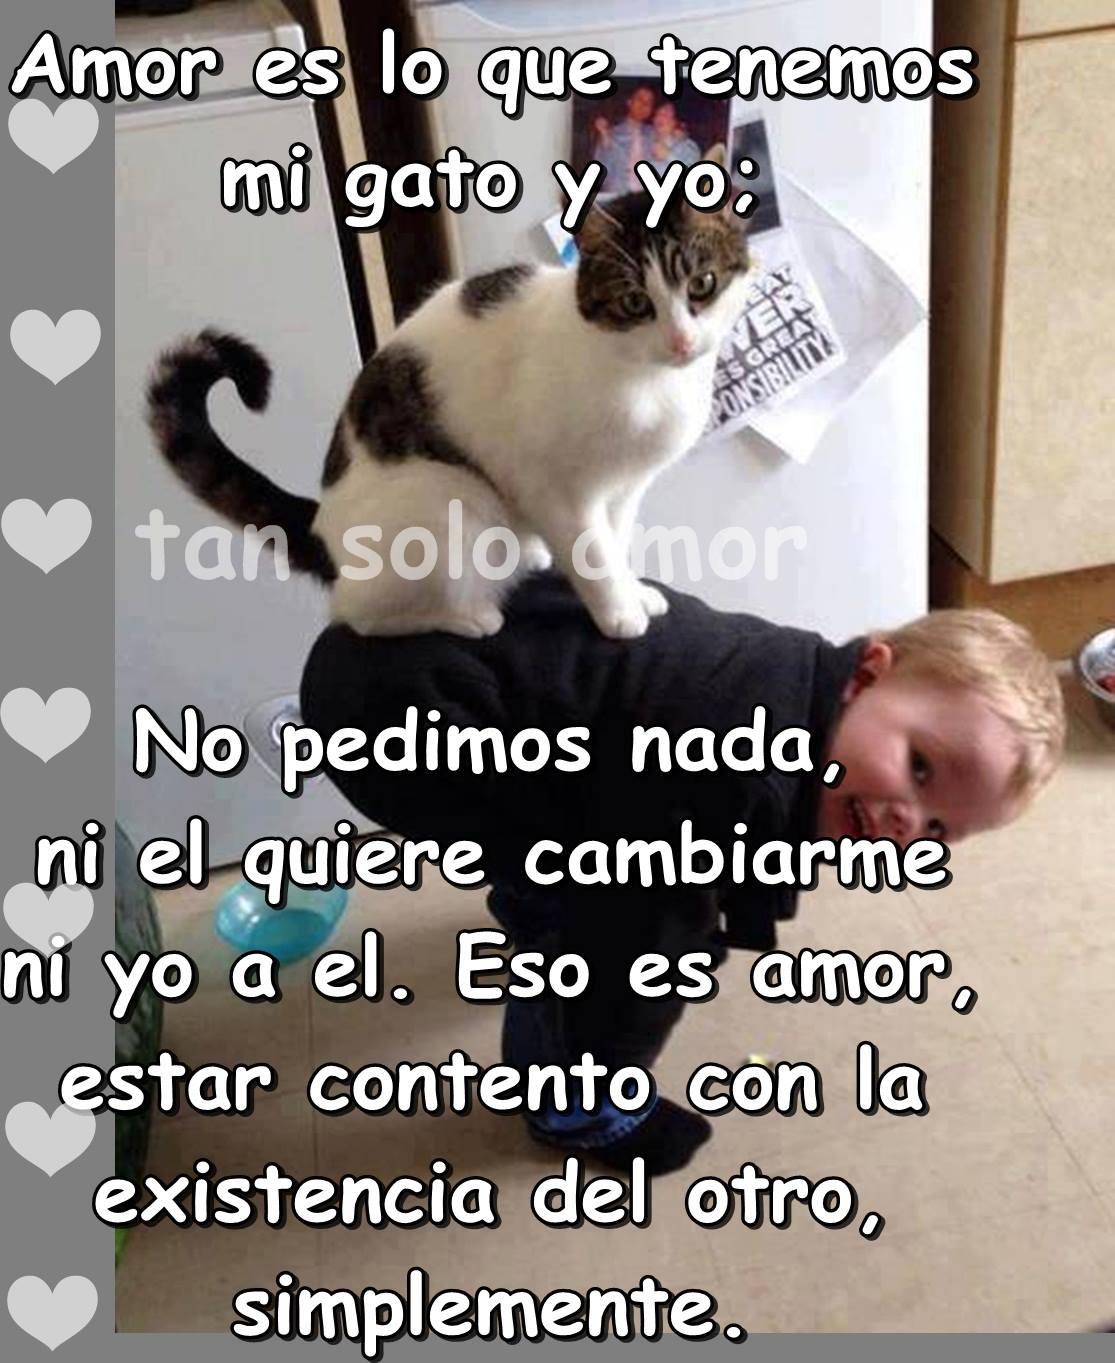 Amor es lo que tenemos mi gato y yo...